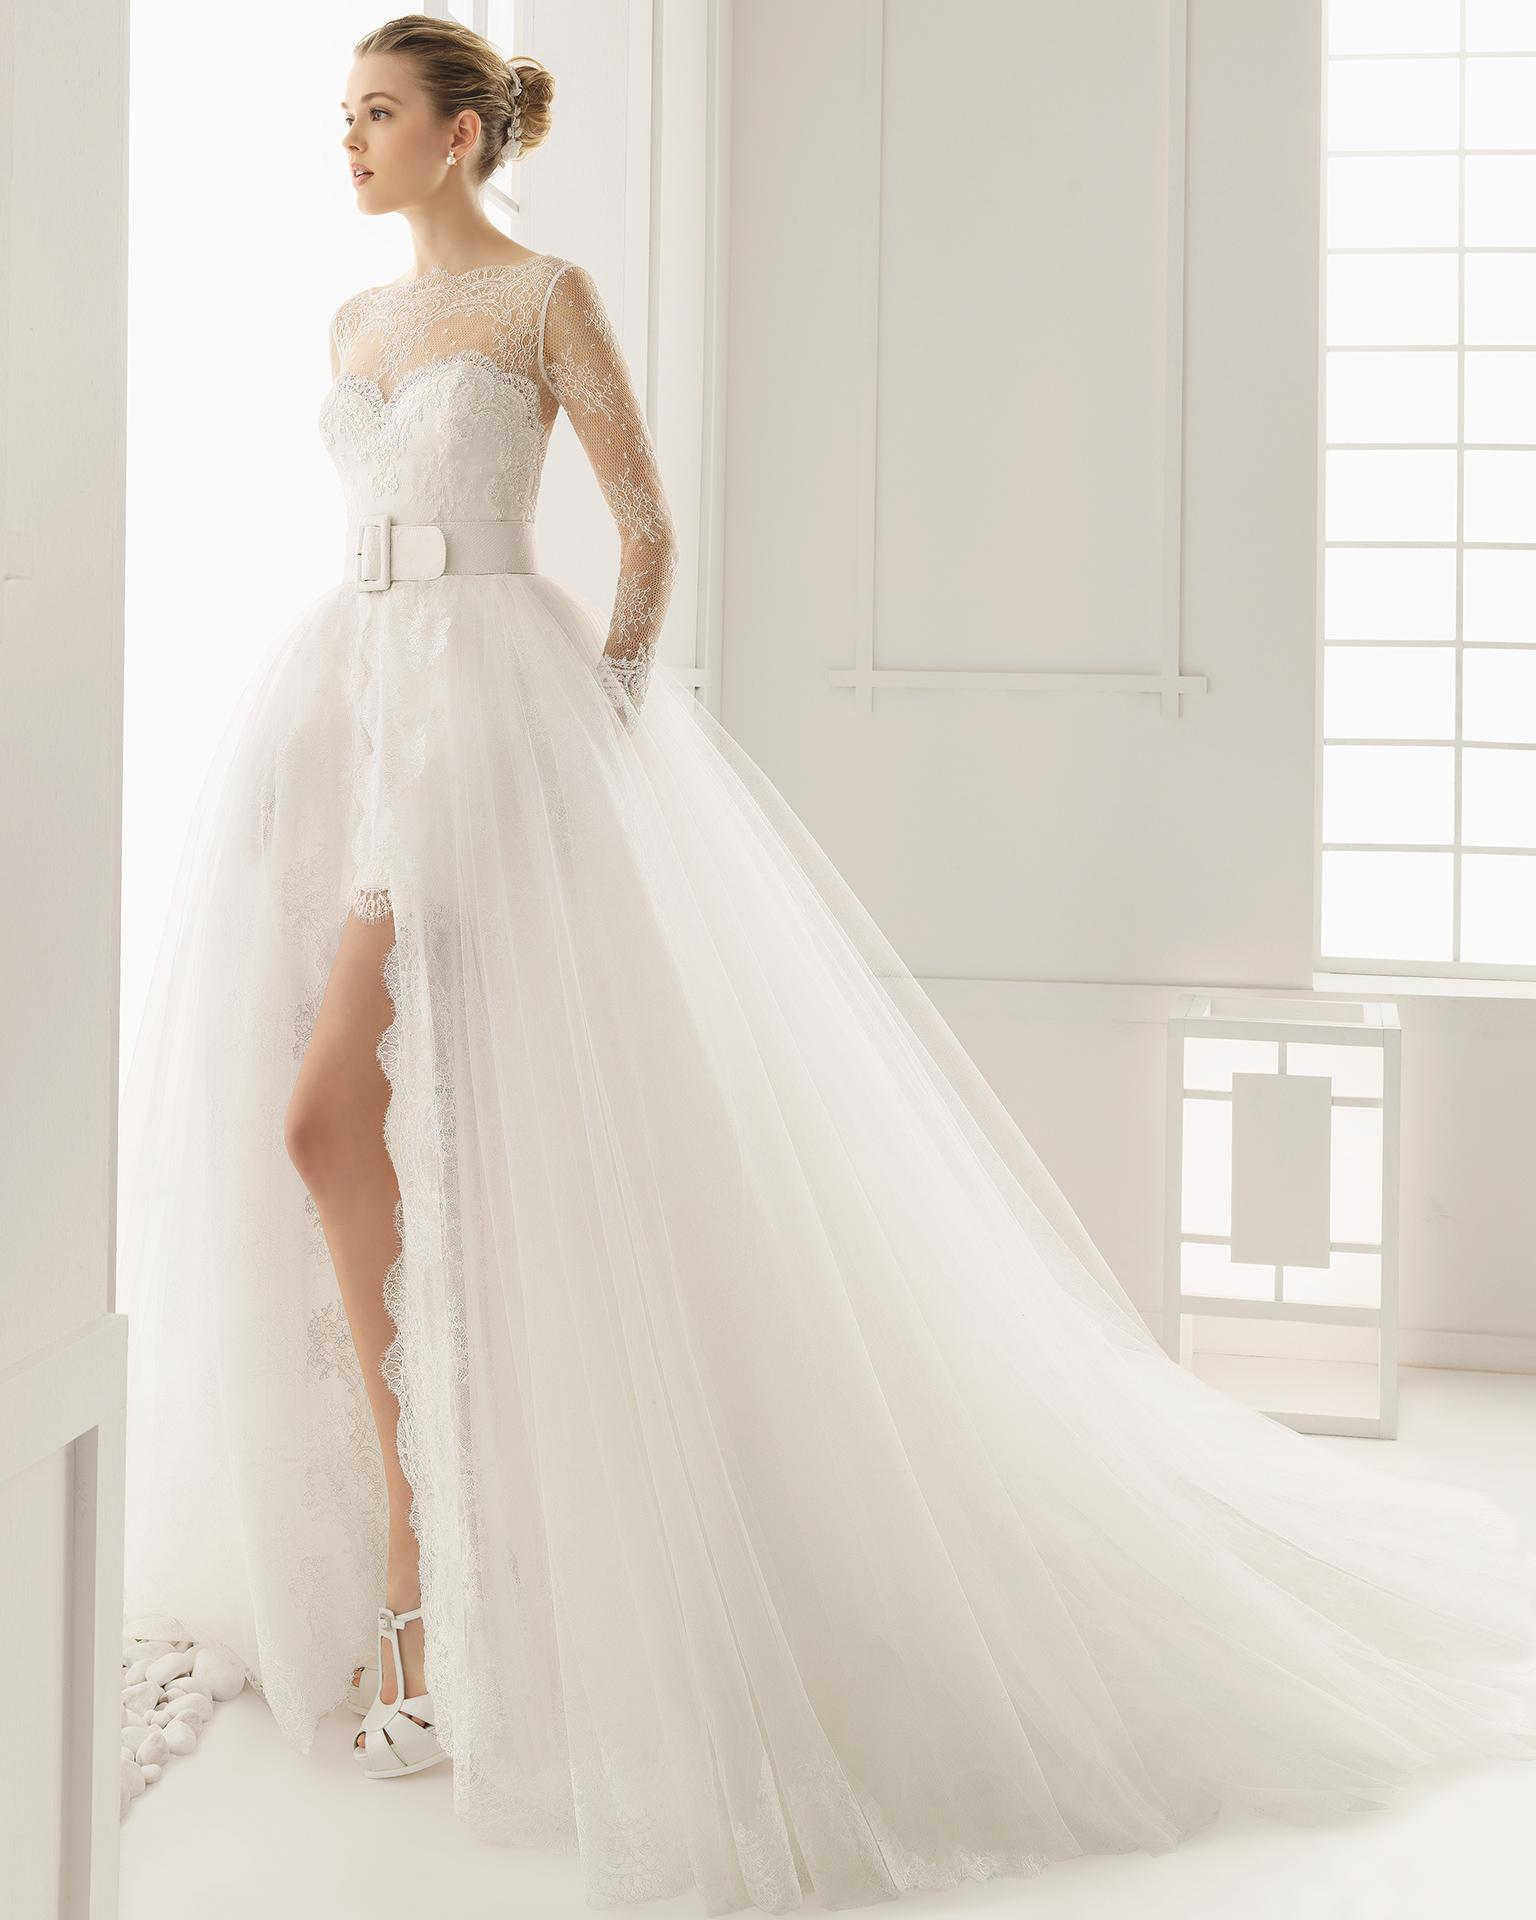 d887d602289e Eleganza senza tempo e glamour anni Cinquanta per l abito da ...